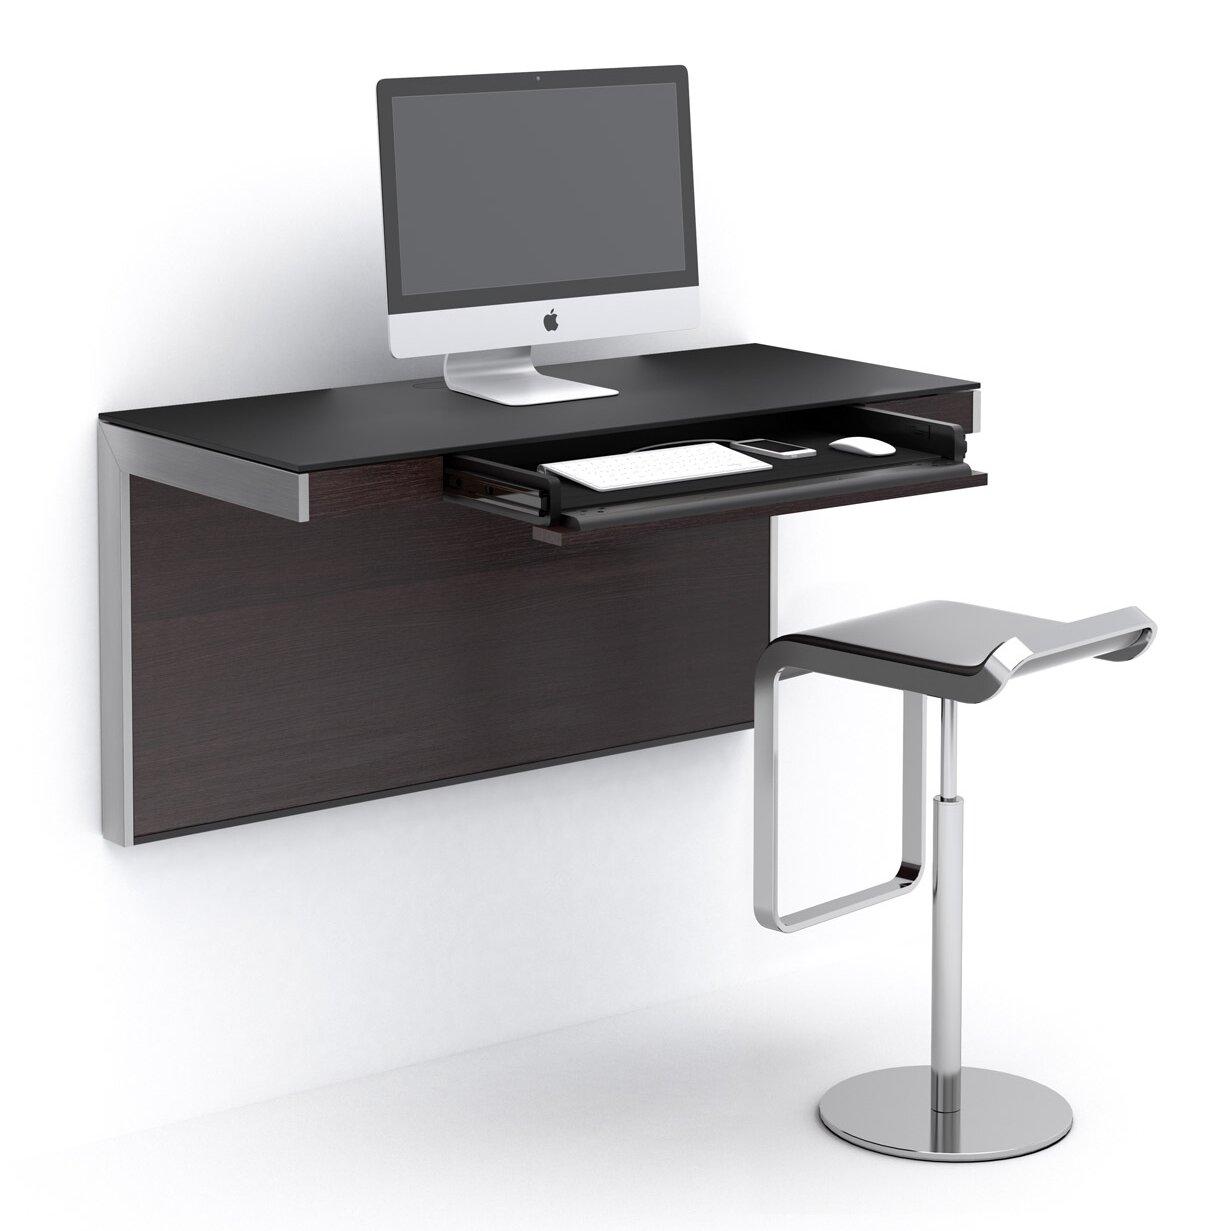 sequel wall mounted floating desk reviews allmodern. Black Bedroom Furniture Sets. Home Design Ideas